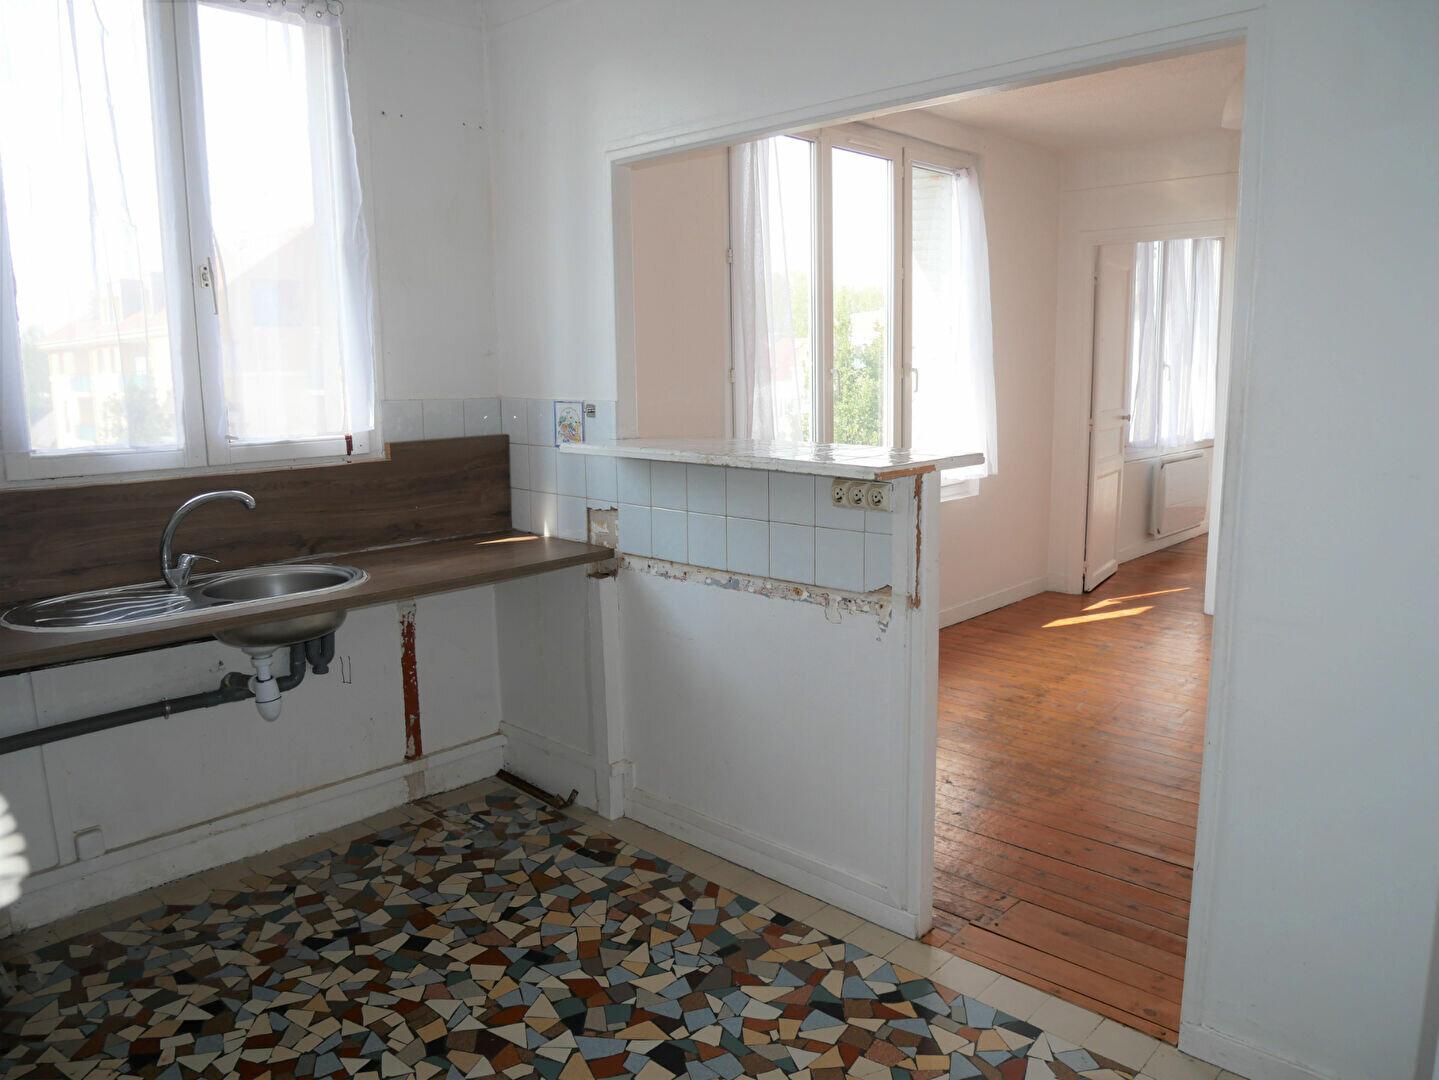 Appartement à louer 2 35.81m2 à Meaux vignette-4